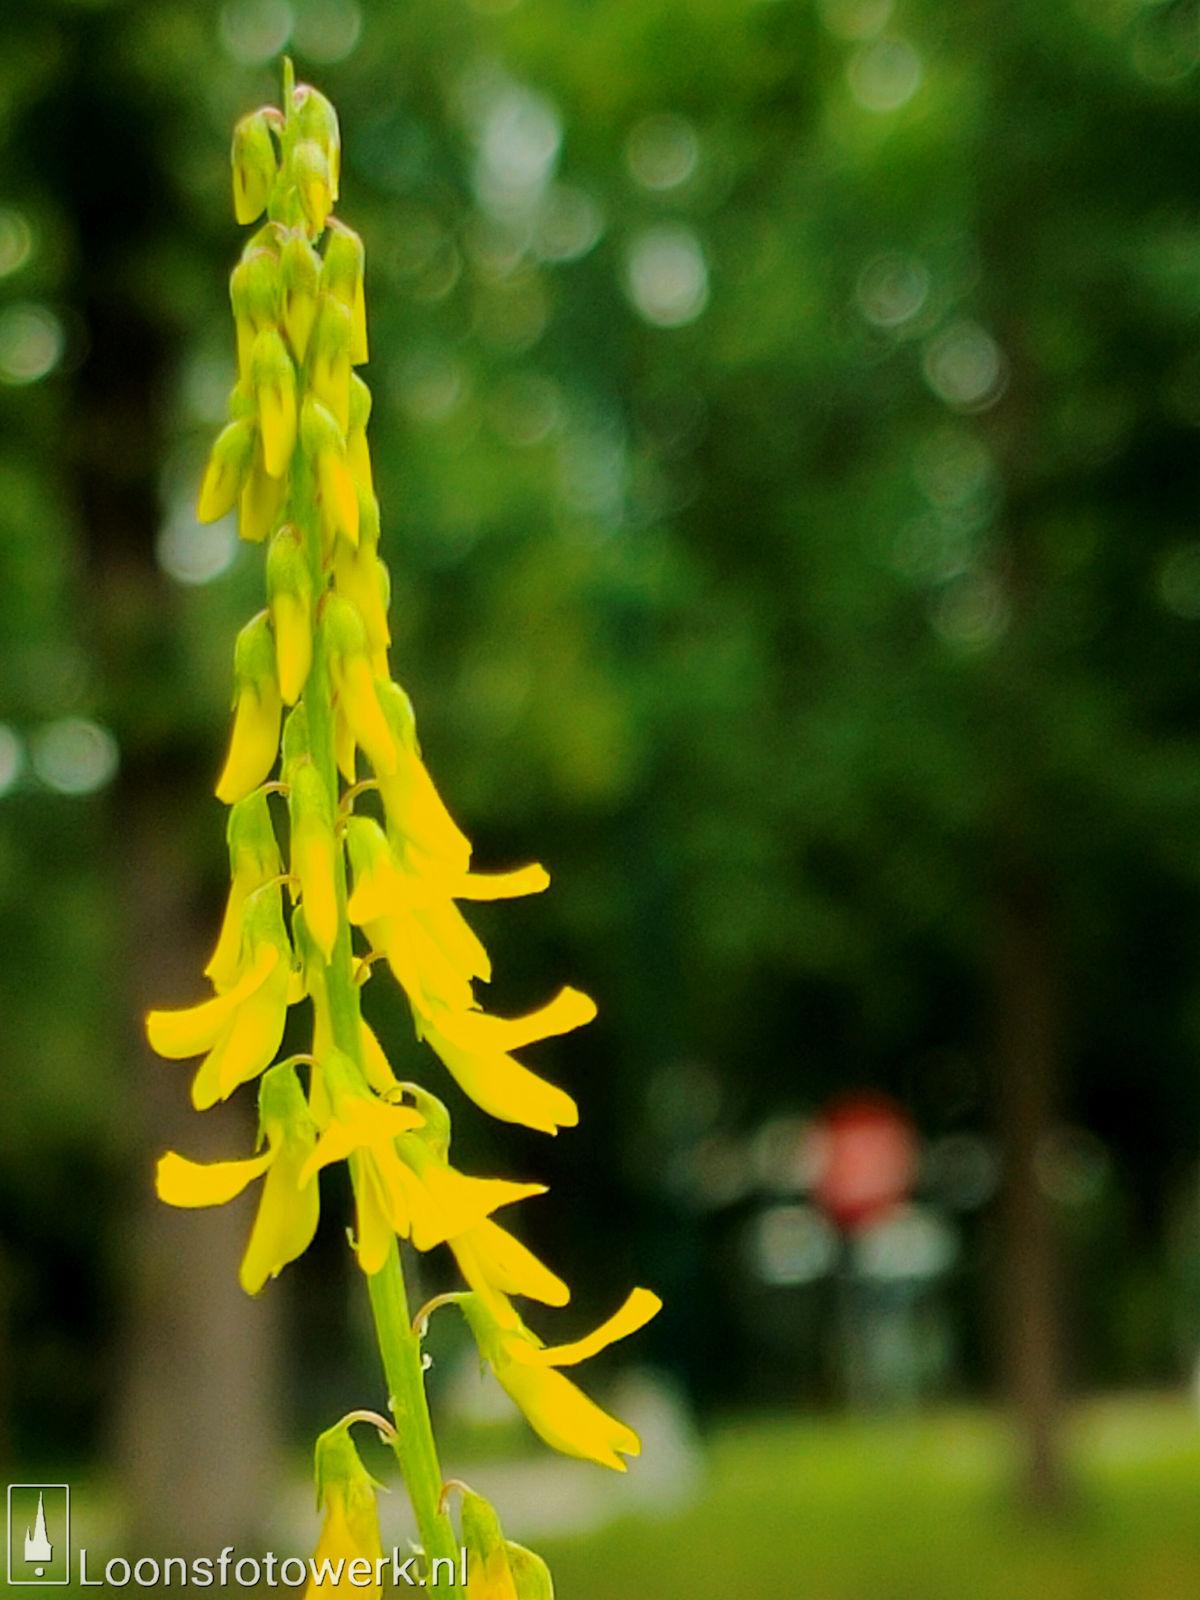 Vandaag is geel 5